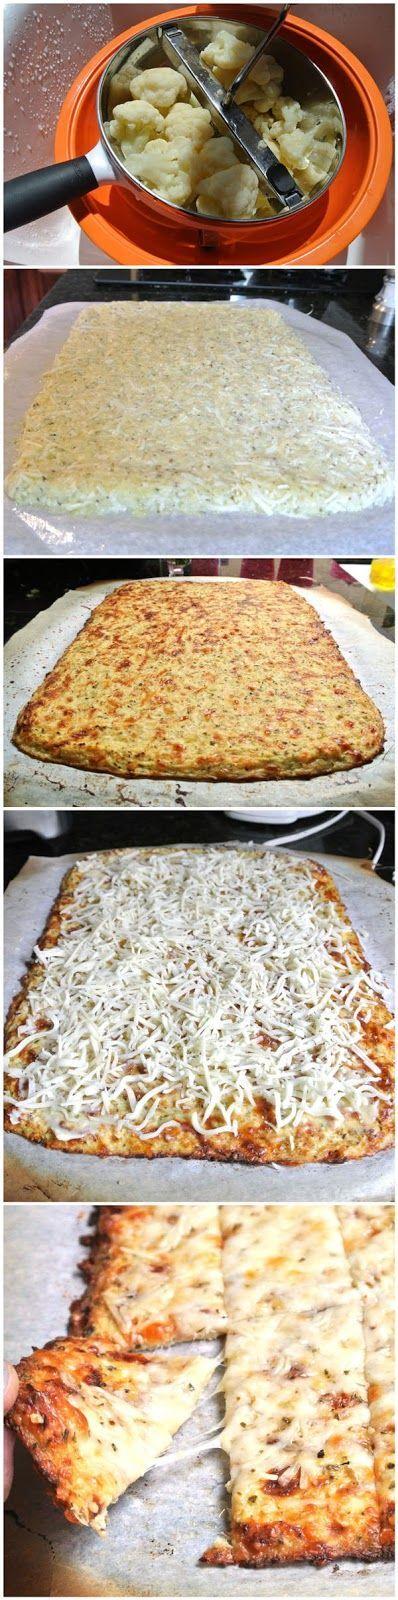 Cheesy Garlic Cauliflower Bread Sticks | Veggies | Pinterest